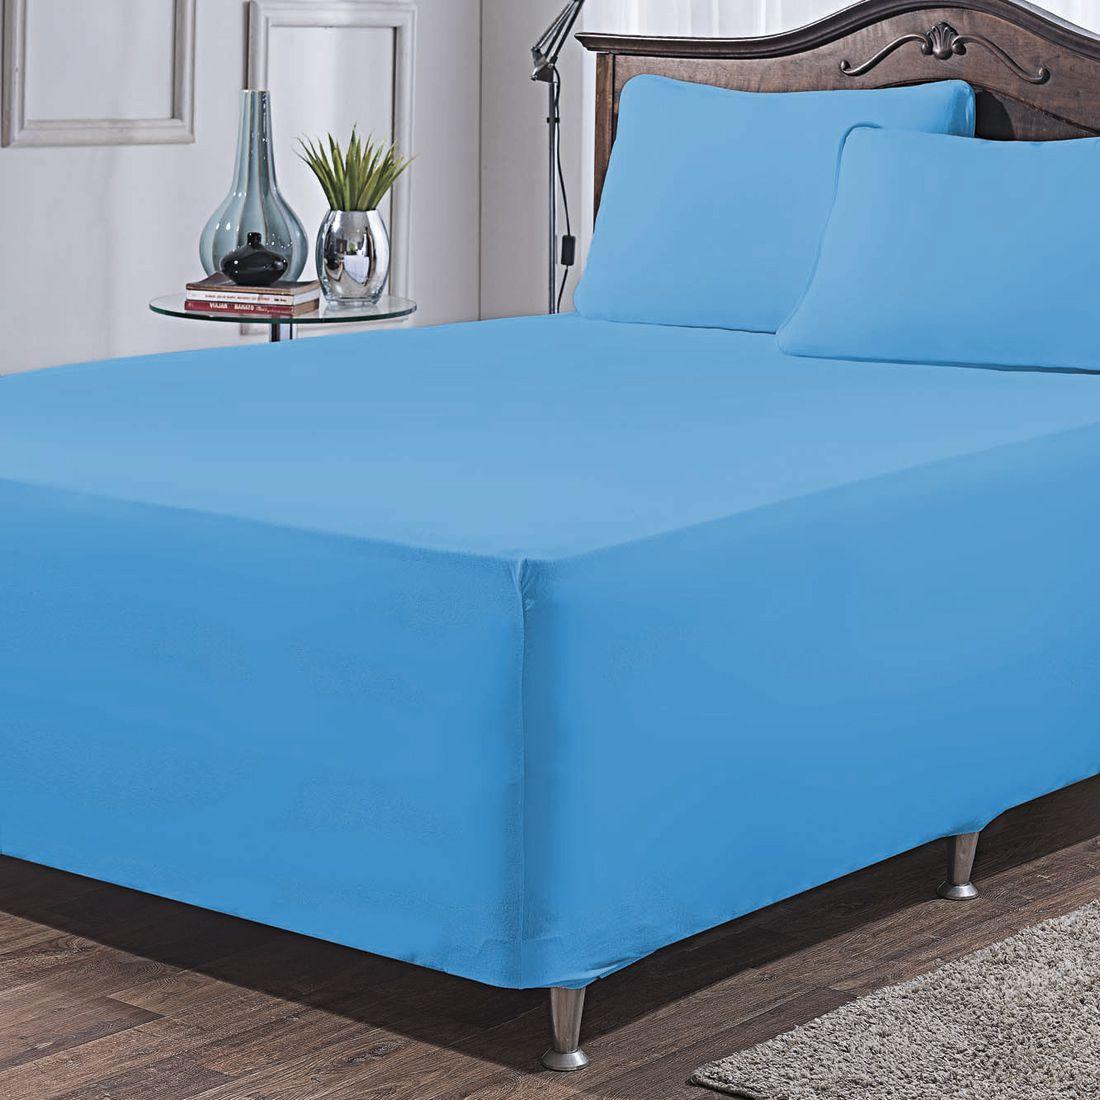 Jogo de Lençol p/ Cama Box Complet Azul King 03 Peças - Malha 100% Algodão